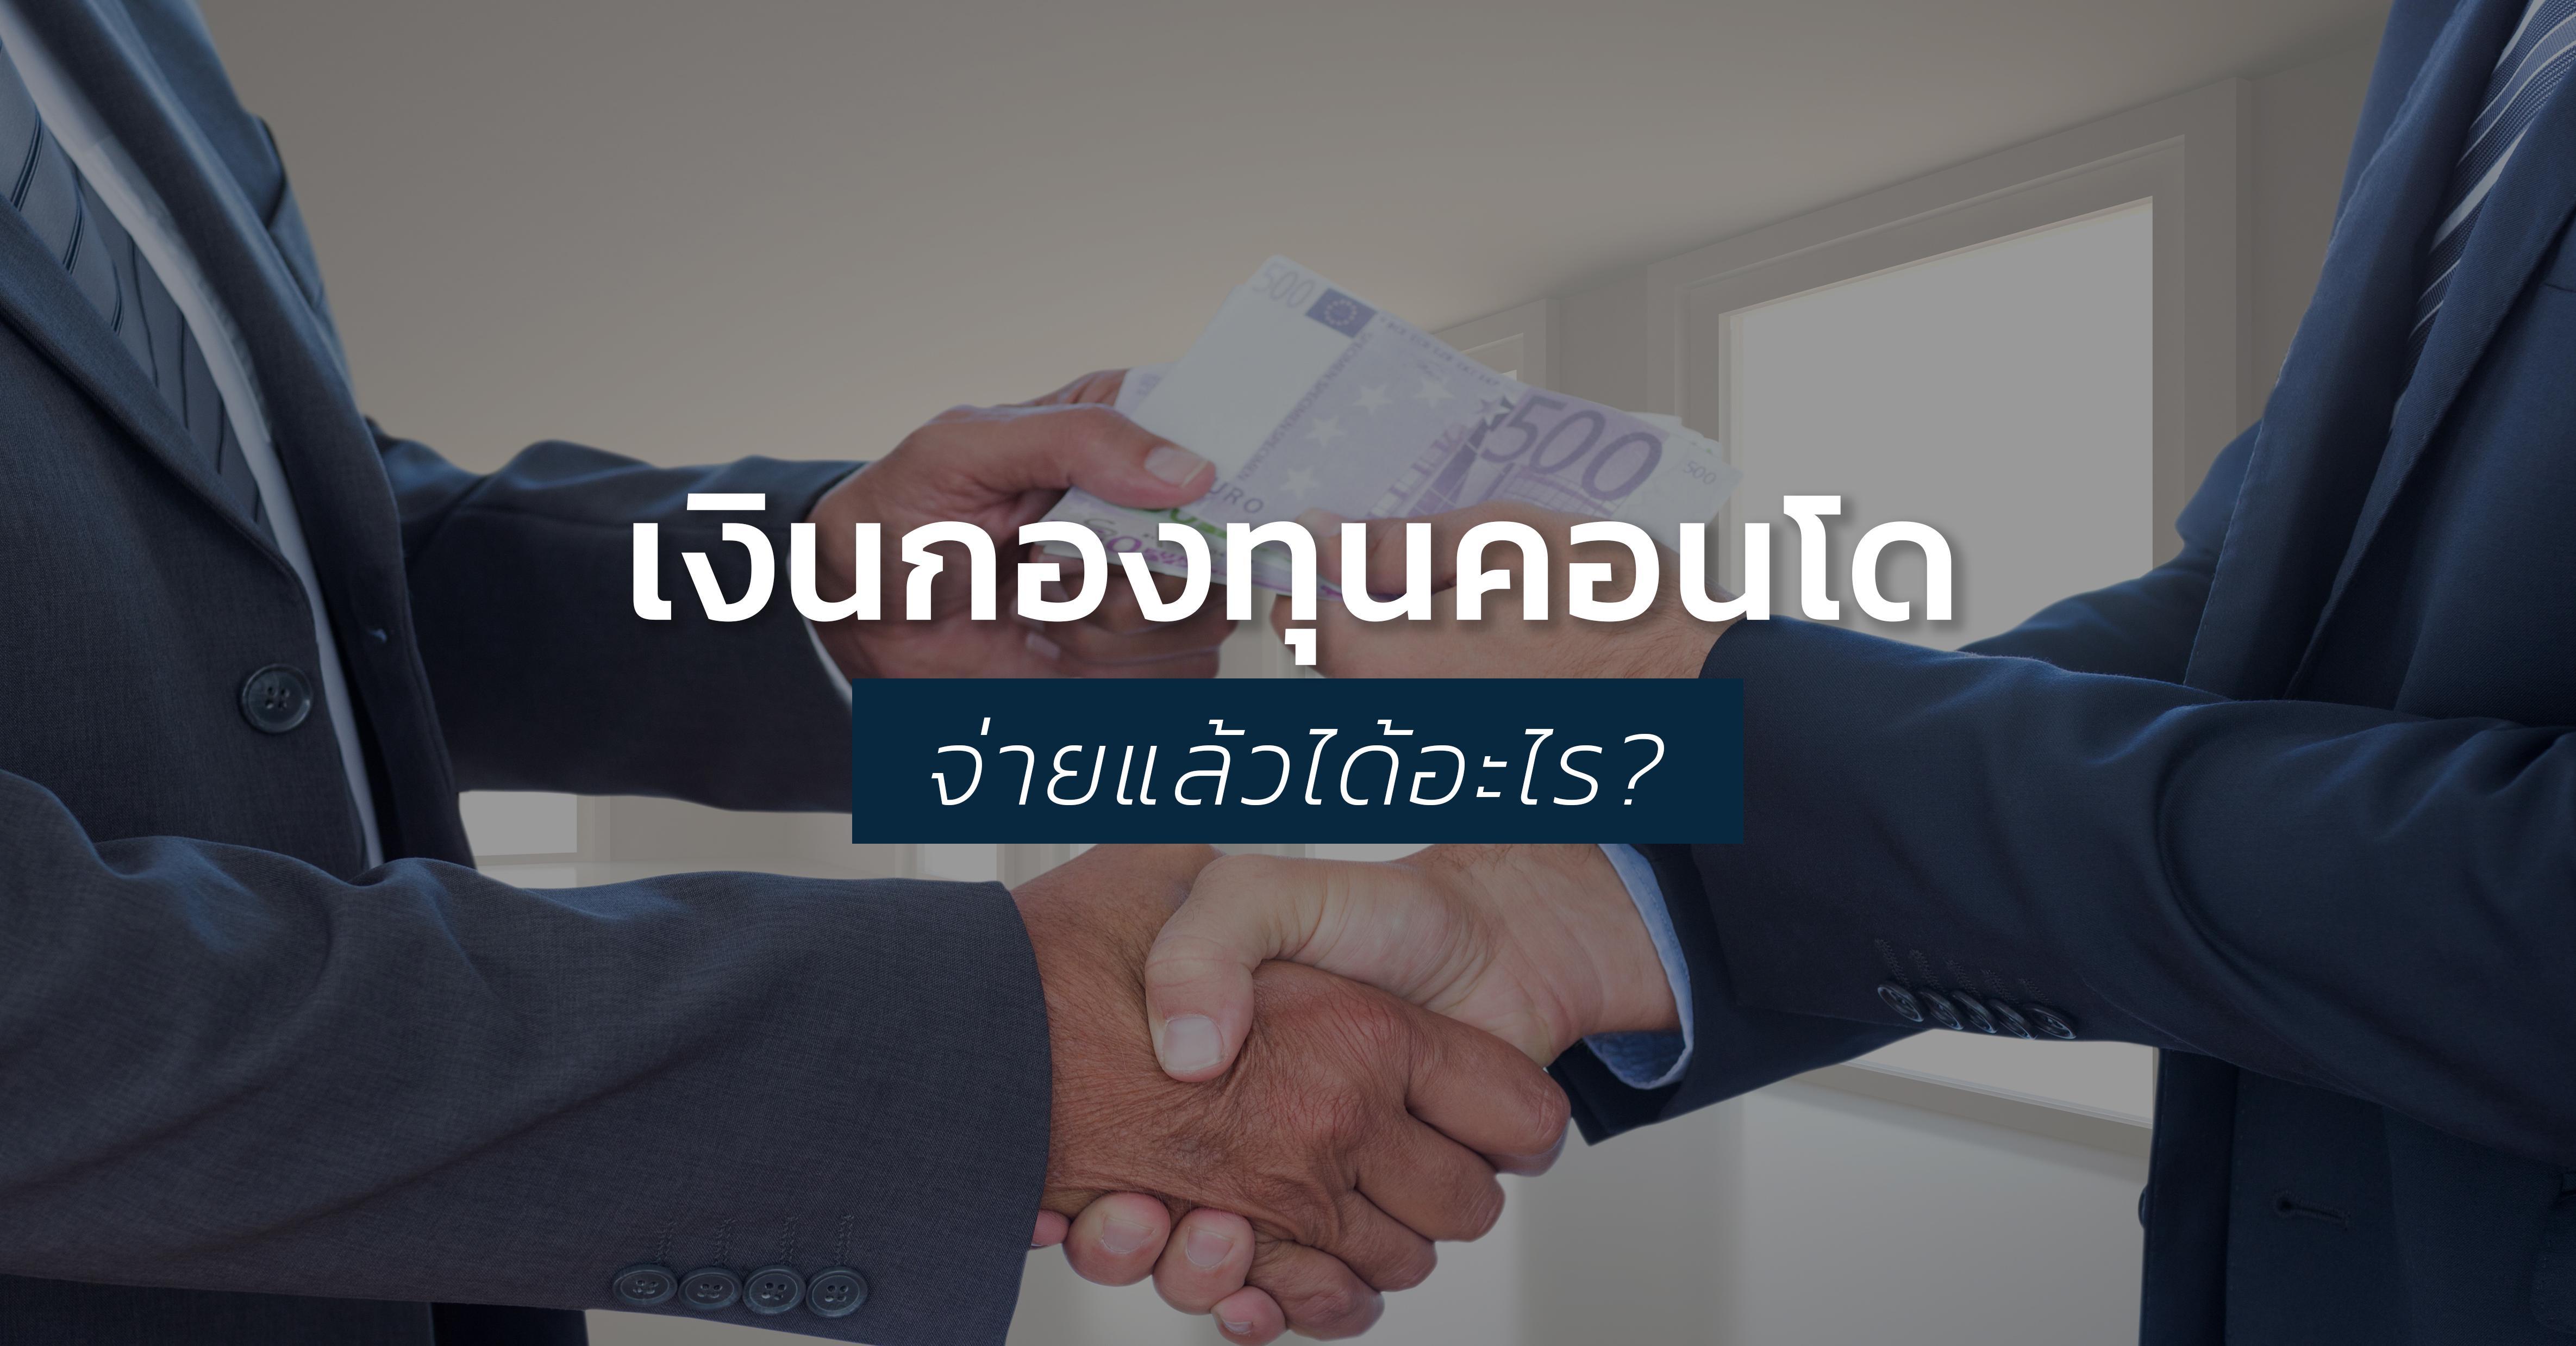 รูปบทความ เงินกองทุนคอนโด ที่เราจ่ายไปคือค่าอะไร  จ่ายเพื่ออะไร มีประโยชน์ยังไงบ้าง